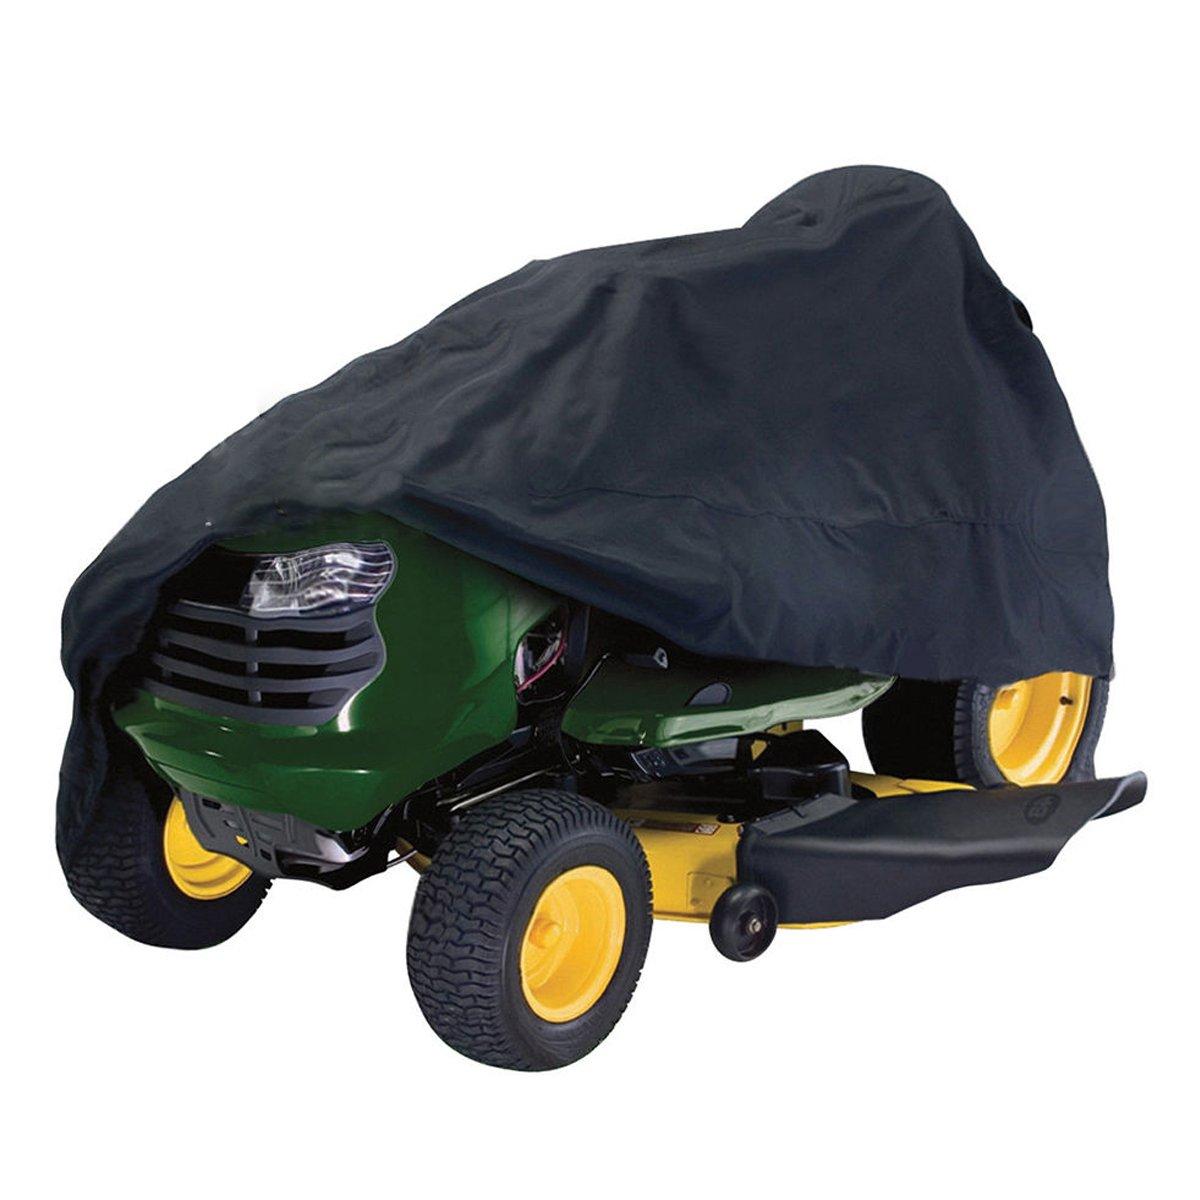 dDanke impermeabile resistente ai raggi UV antipolvere leggero poliestere Oxford trattore tosaerba copertura 245*50*140cm (nero)